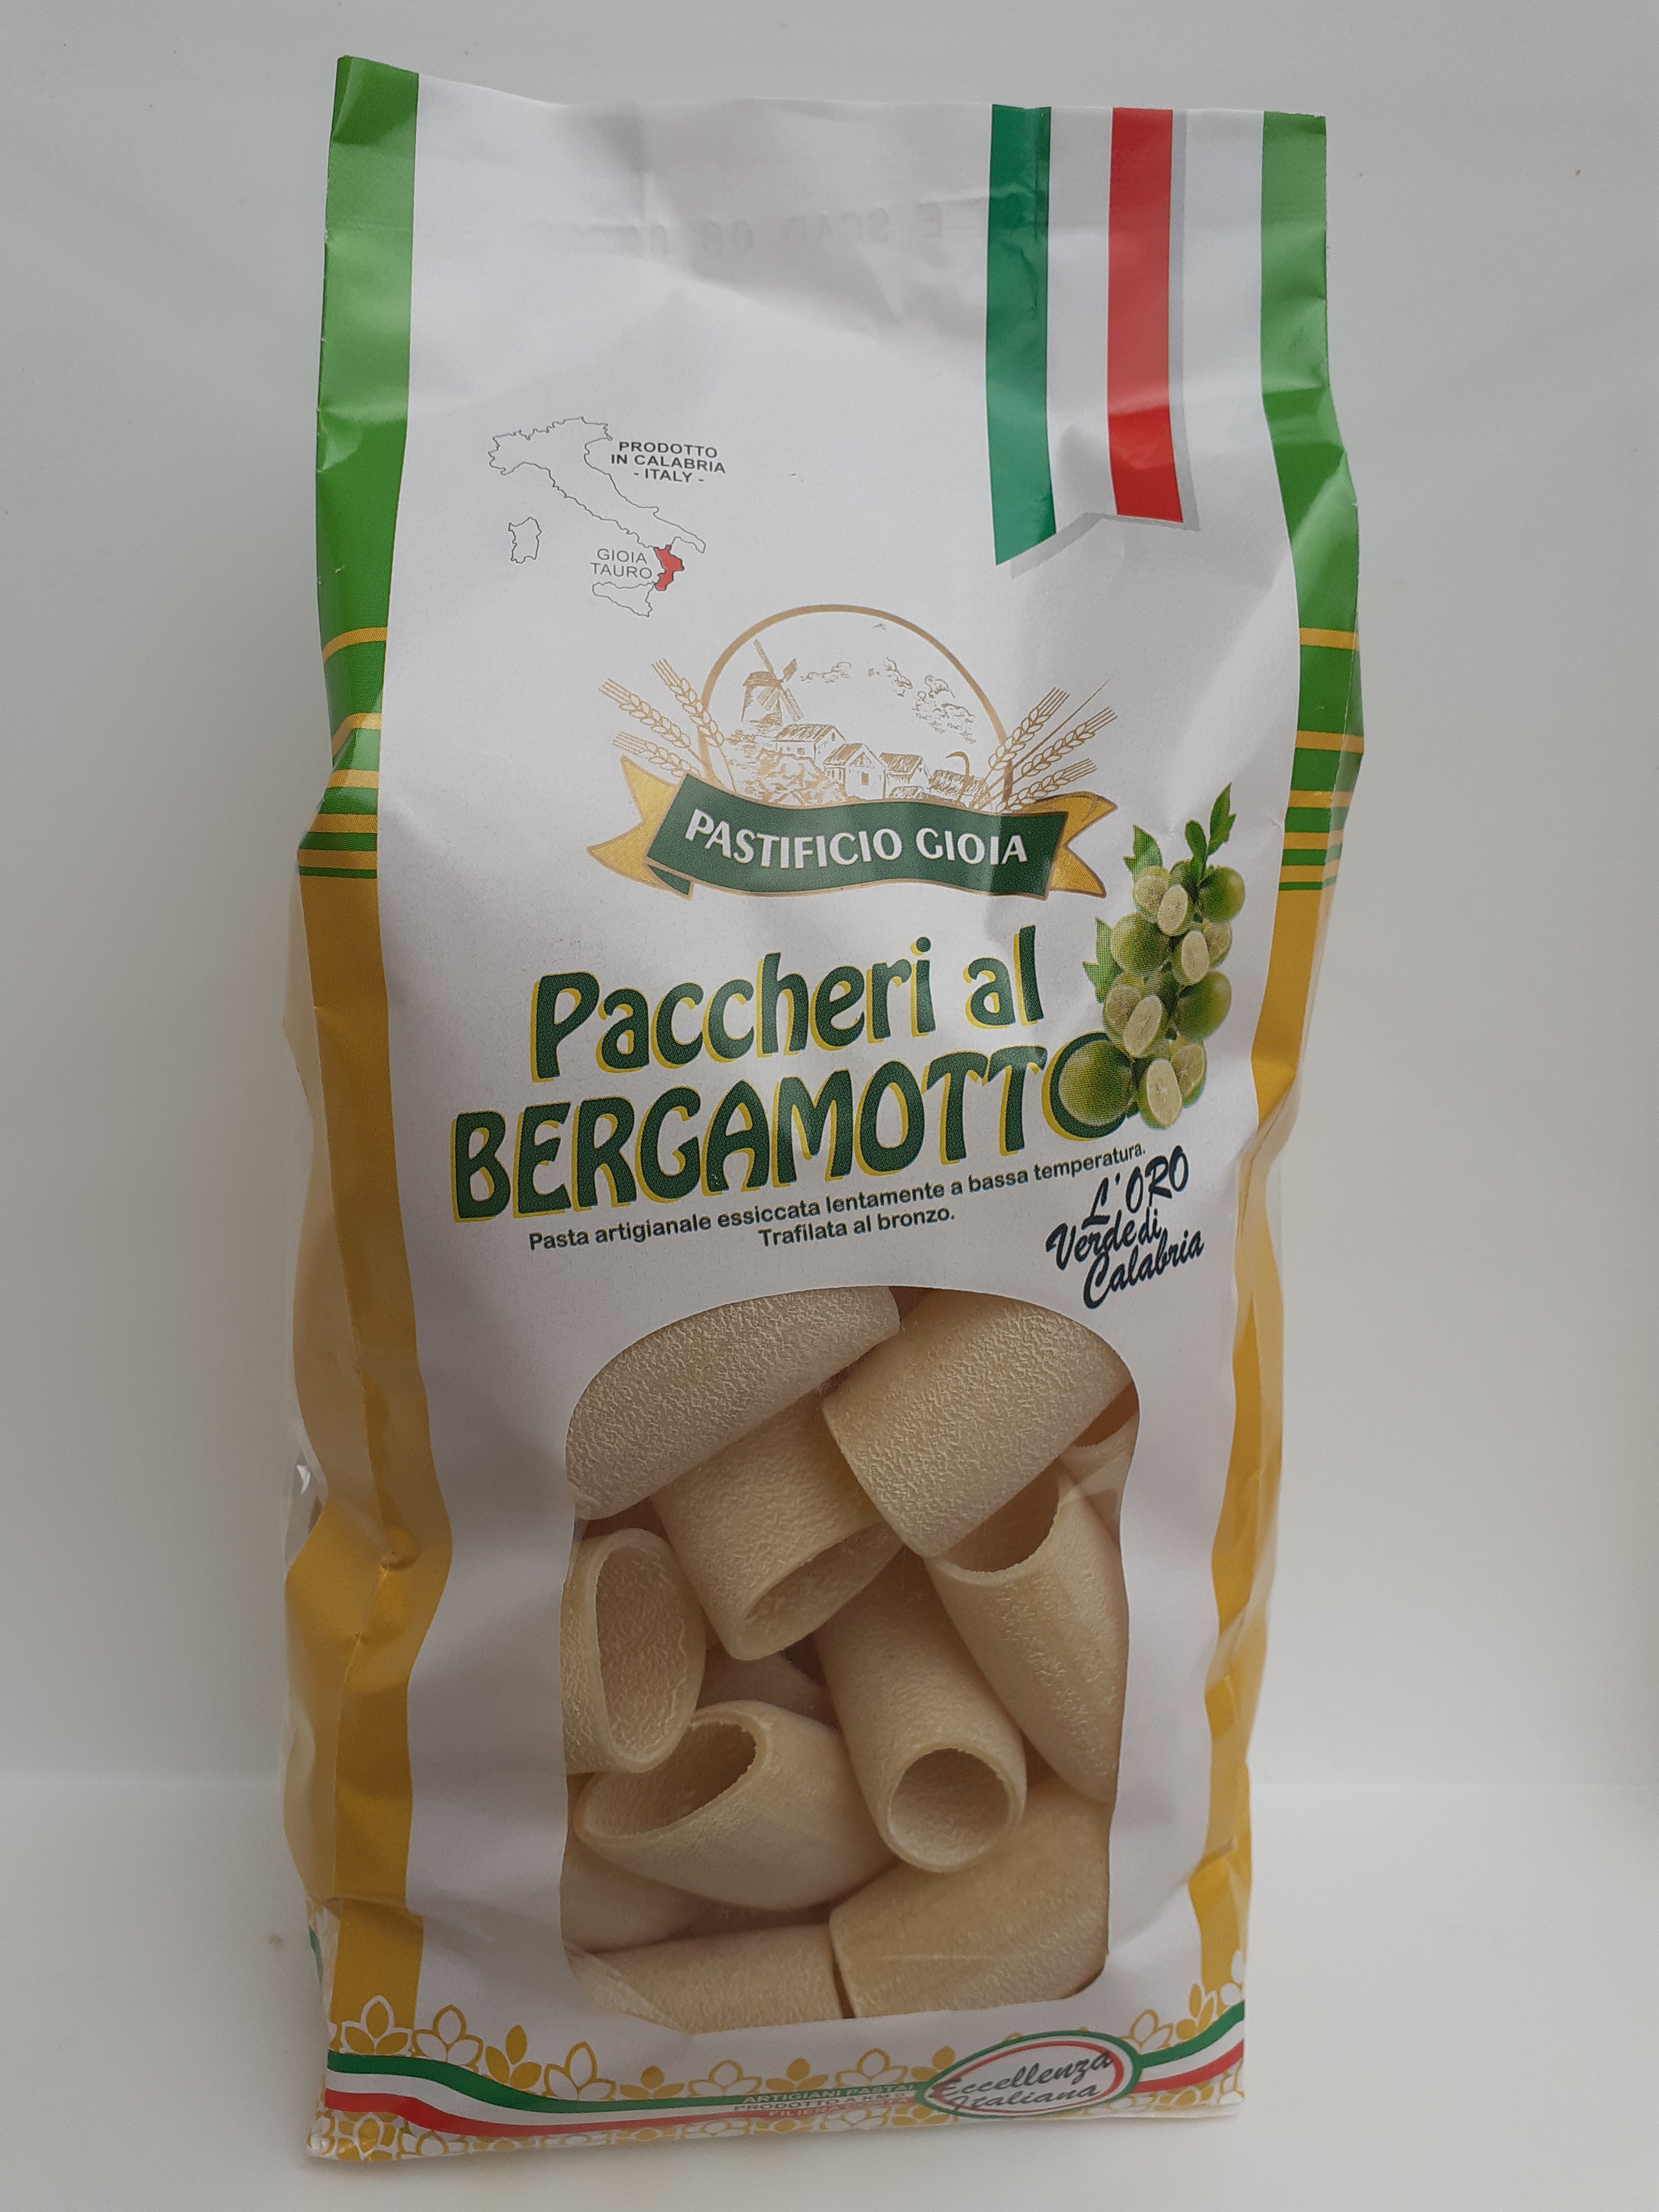 Paccheri al Bergamotto 500g. Pasta Artigianale essiccata lentamente a bassa temperatura trafilata nel Bronzo del Pastificio Gioia Gioia Tauro (RC)